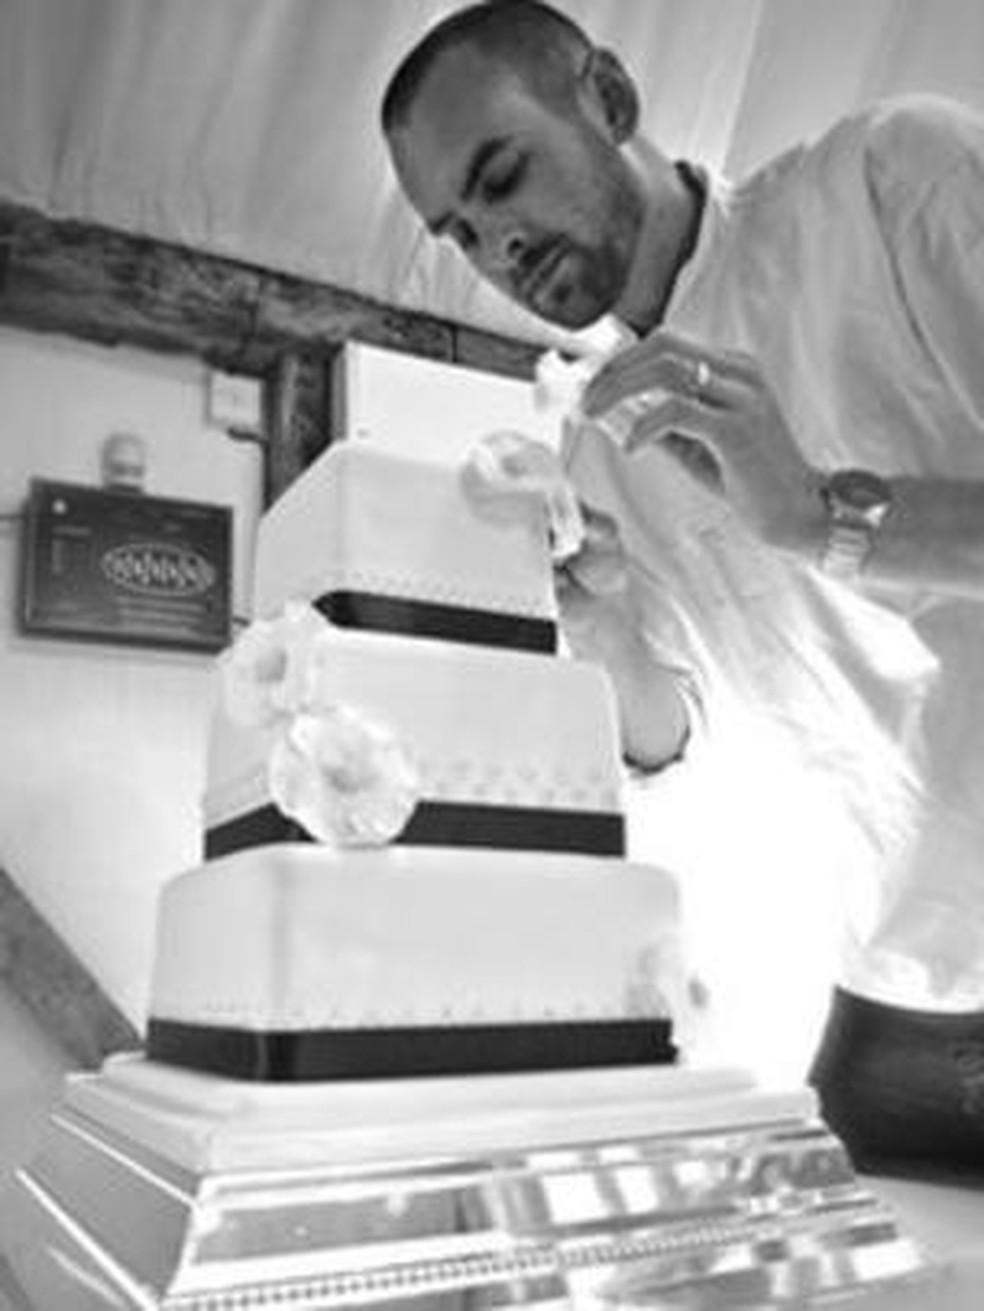 O cozinheiro Chris Holmes agora trabalha em seu próprio negócio (Foto: Chris Holmes)